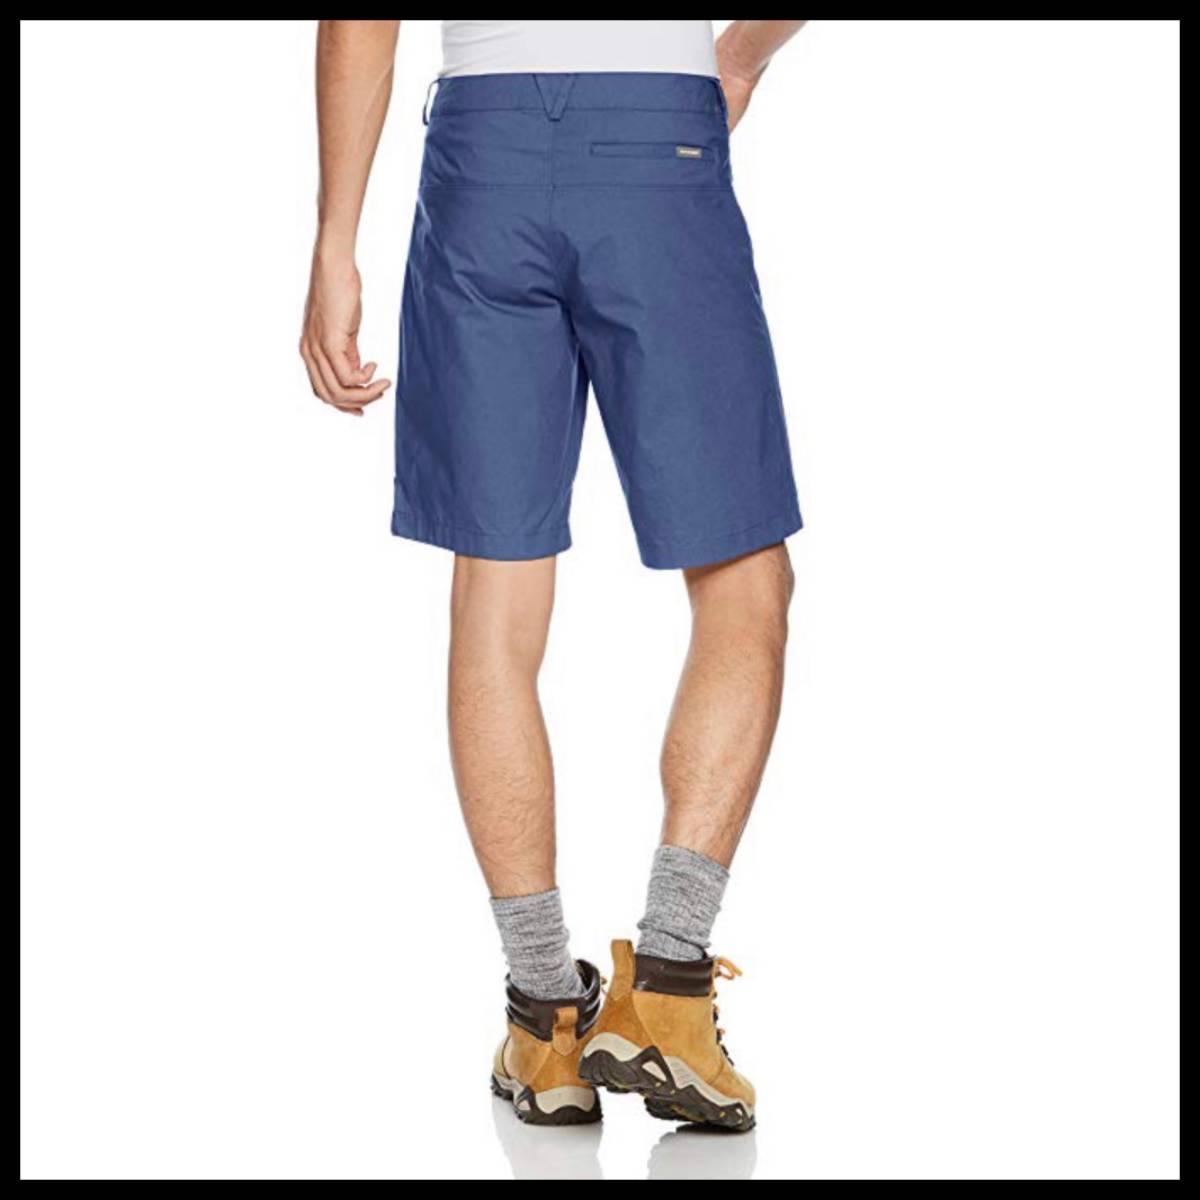 【送料無料】MAMMUT マムート Roseg Shorts Men ASIA Lサイズ ショーツ ショートパンツ クライミングショーツ_画像2